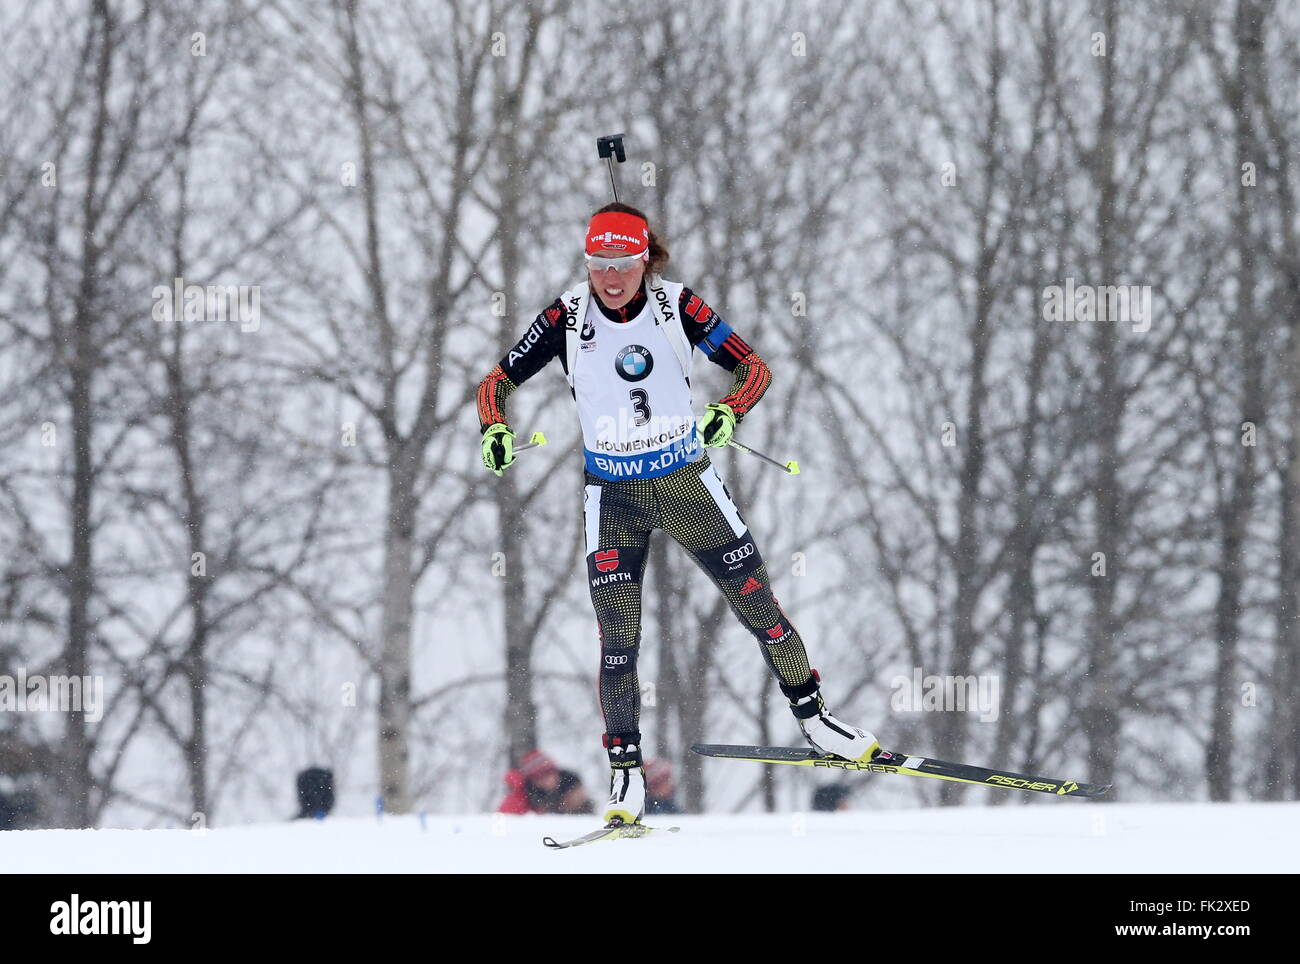 OSLO, NORWEGEN. 6. MÄRZ 2016. Biathlet Laura Dahlmeier Deutschland konkurriert, die Frauen 10 km Verfolgungsrennen Stockfoto